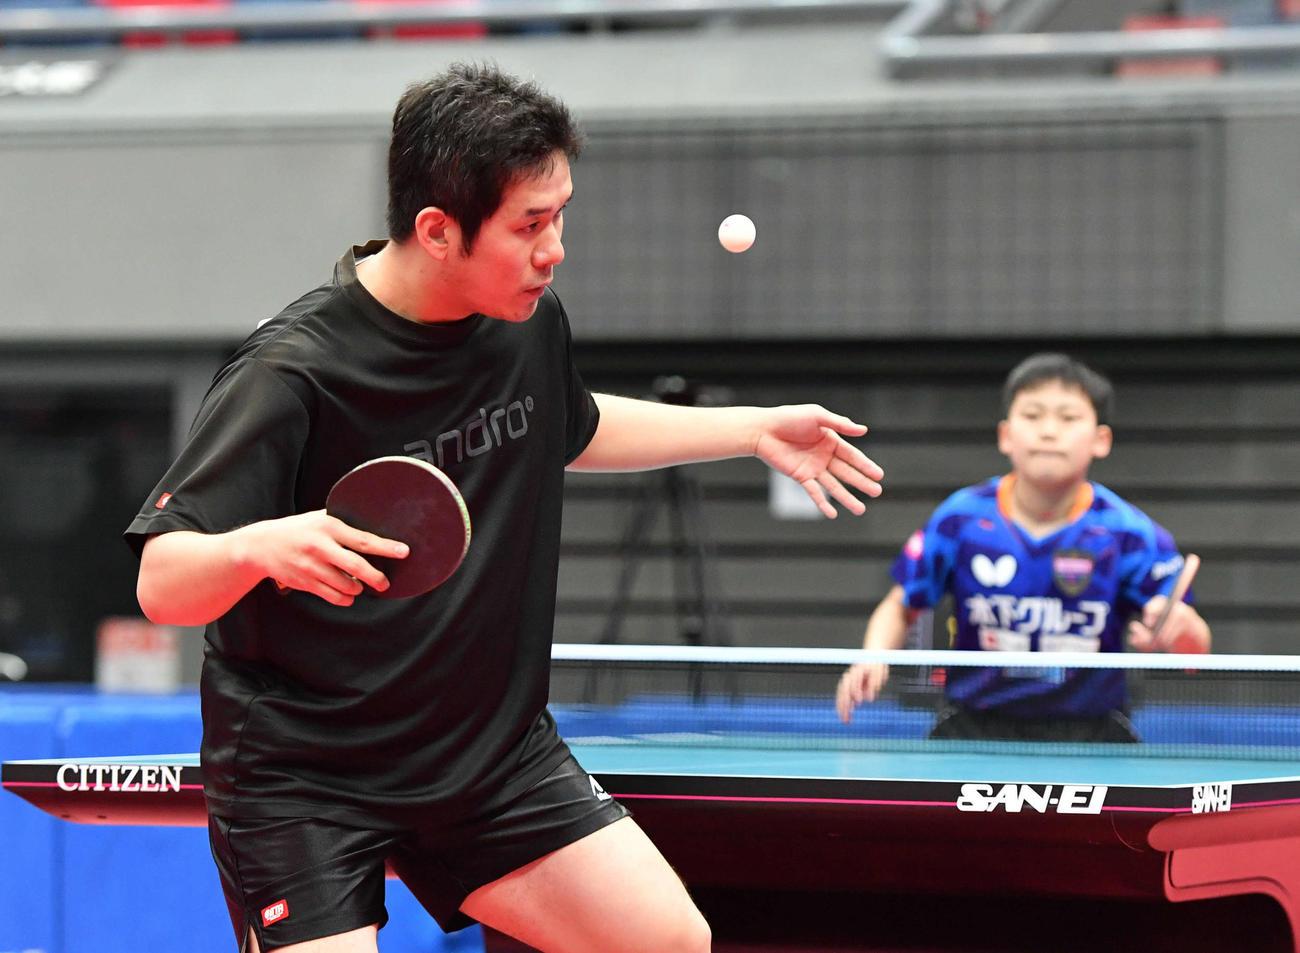 全日本卓球選手権男子シングルス2回戦 サーブを打つ岩城禎、右は松島輝空(撮影・岩下翔太)